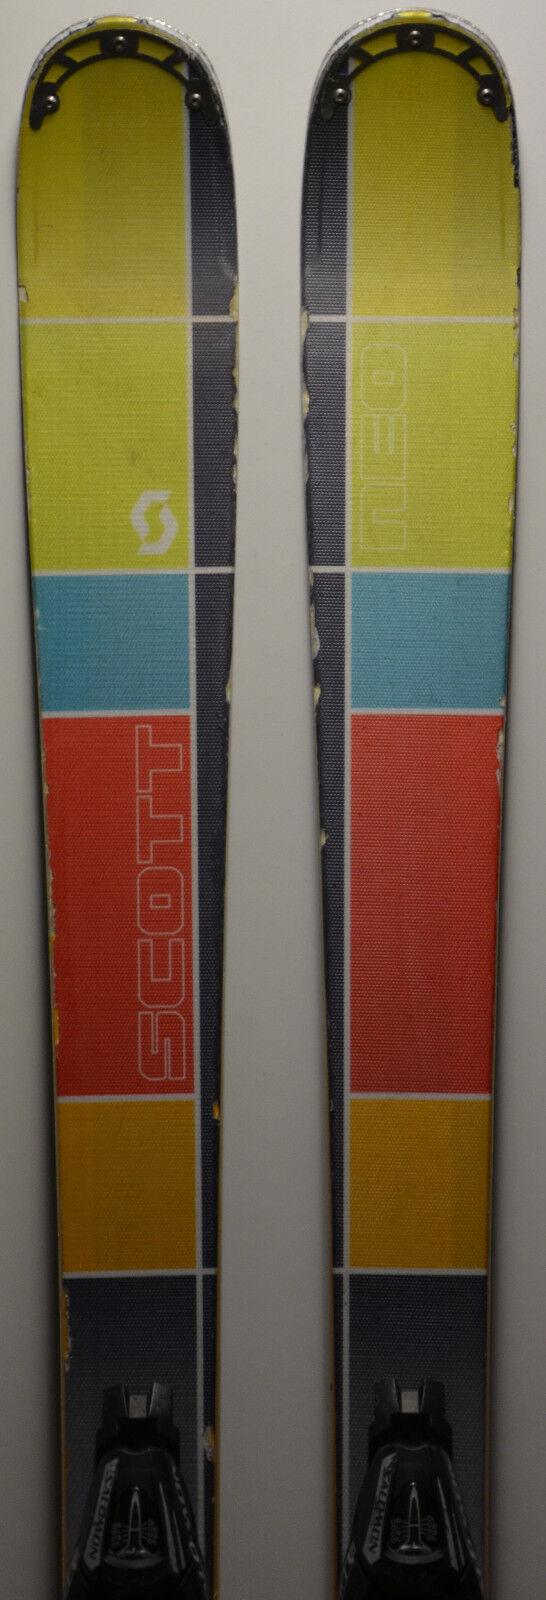 Esquís parabólico usado SCOTT Neo - 186cm